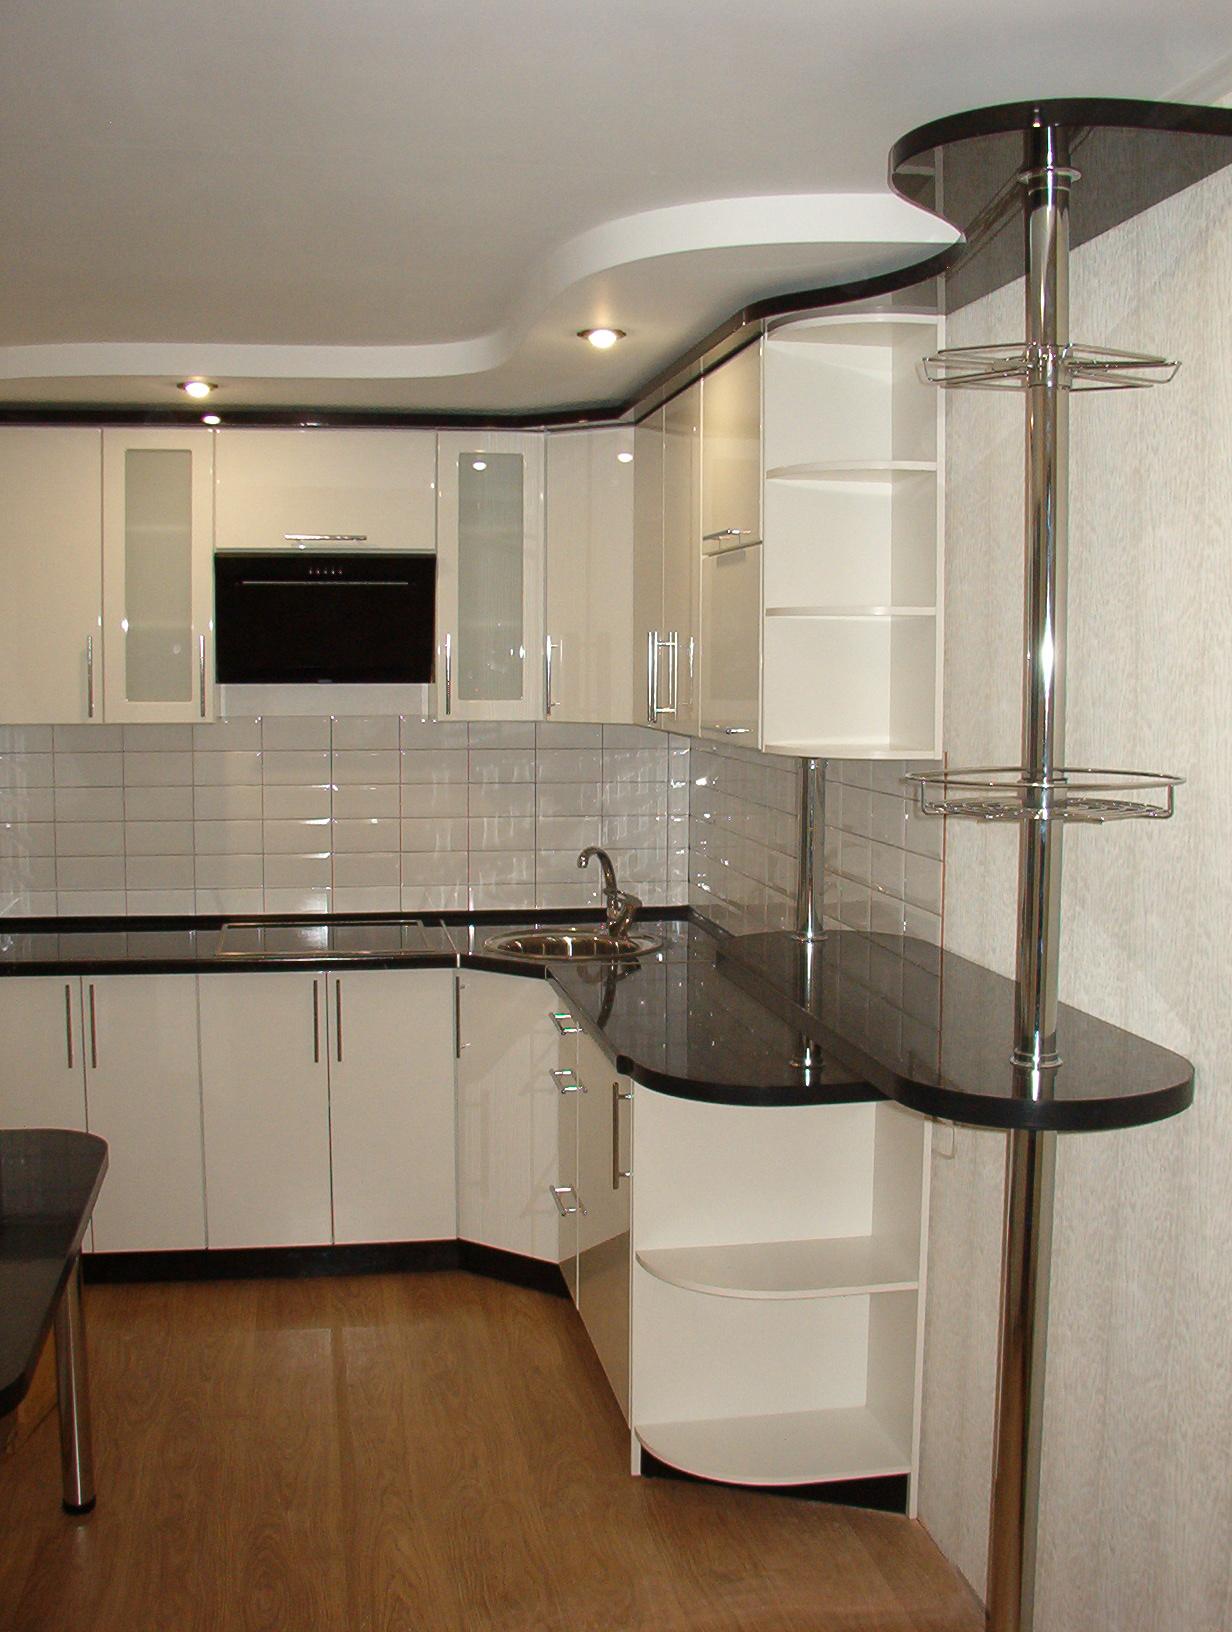 кухонная мебель с барной стойкой фото если